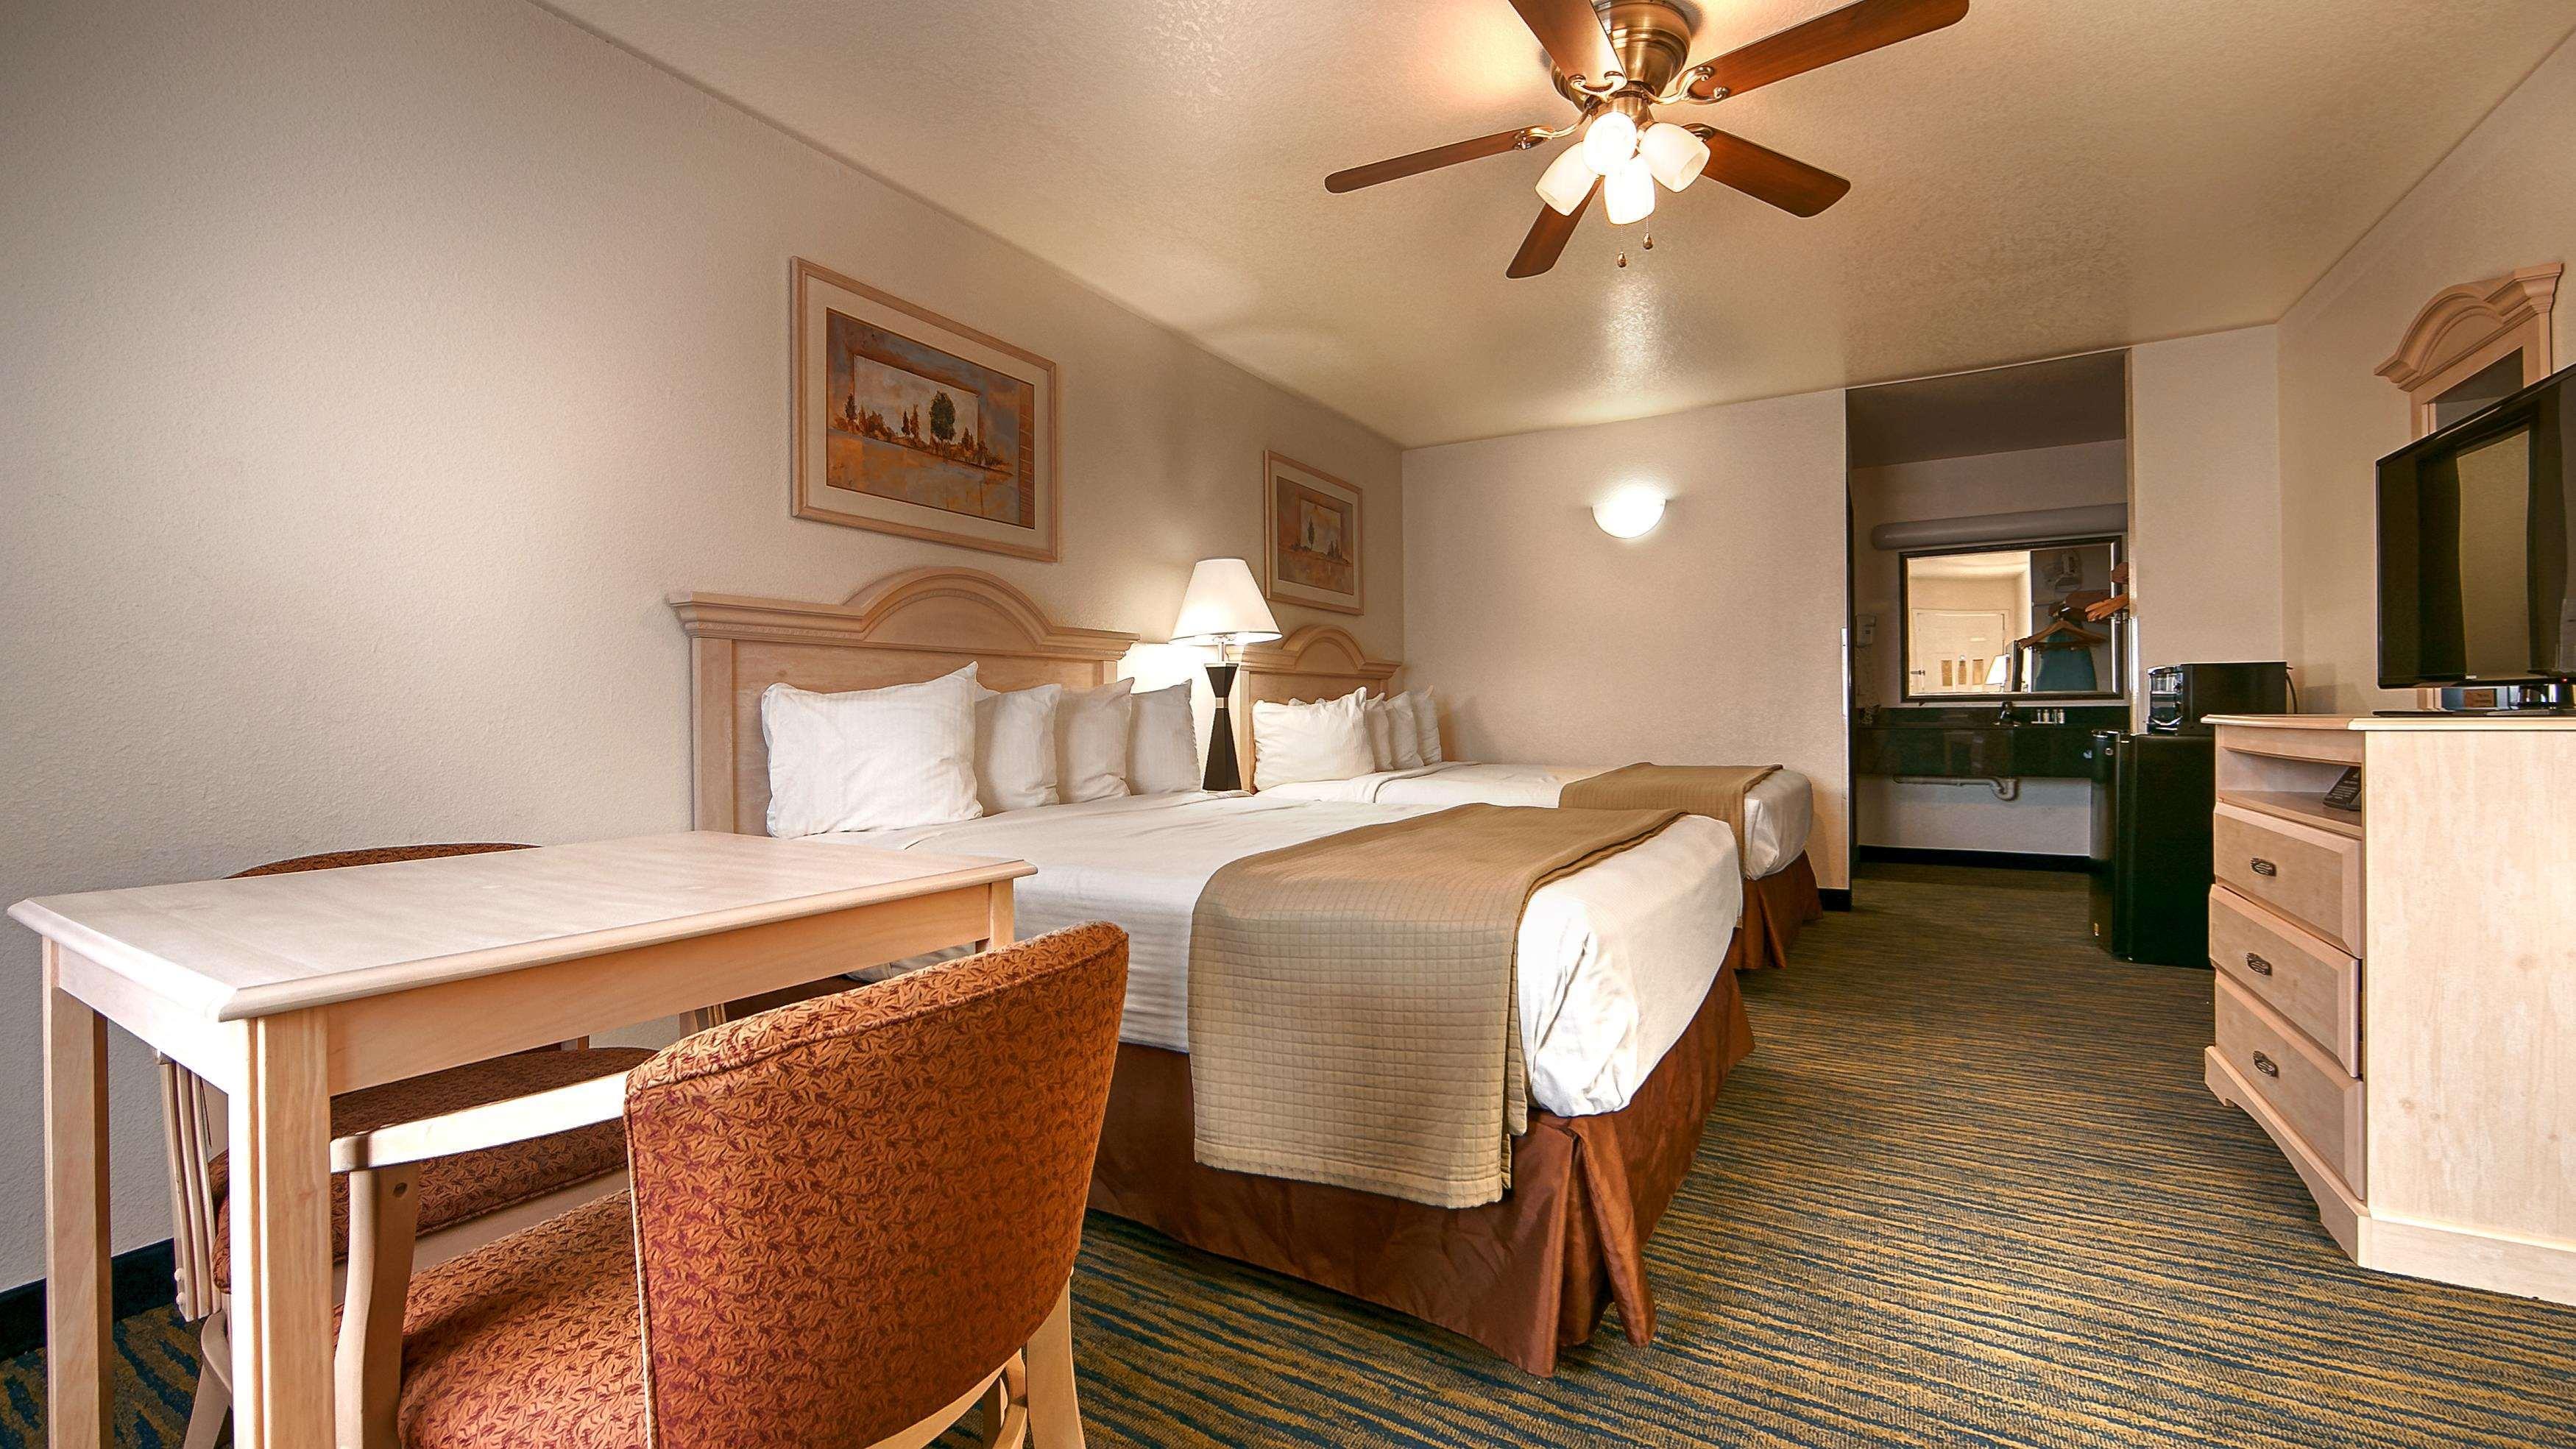 SureStay Hotel by Best Western Falfurrias image 40